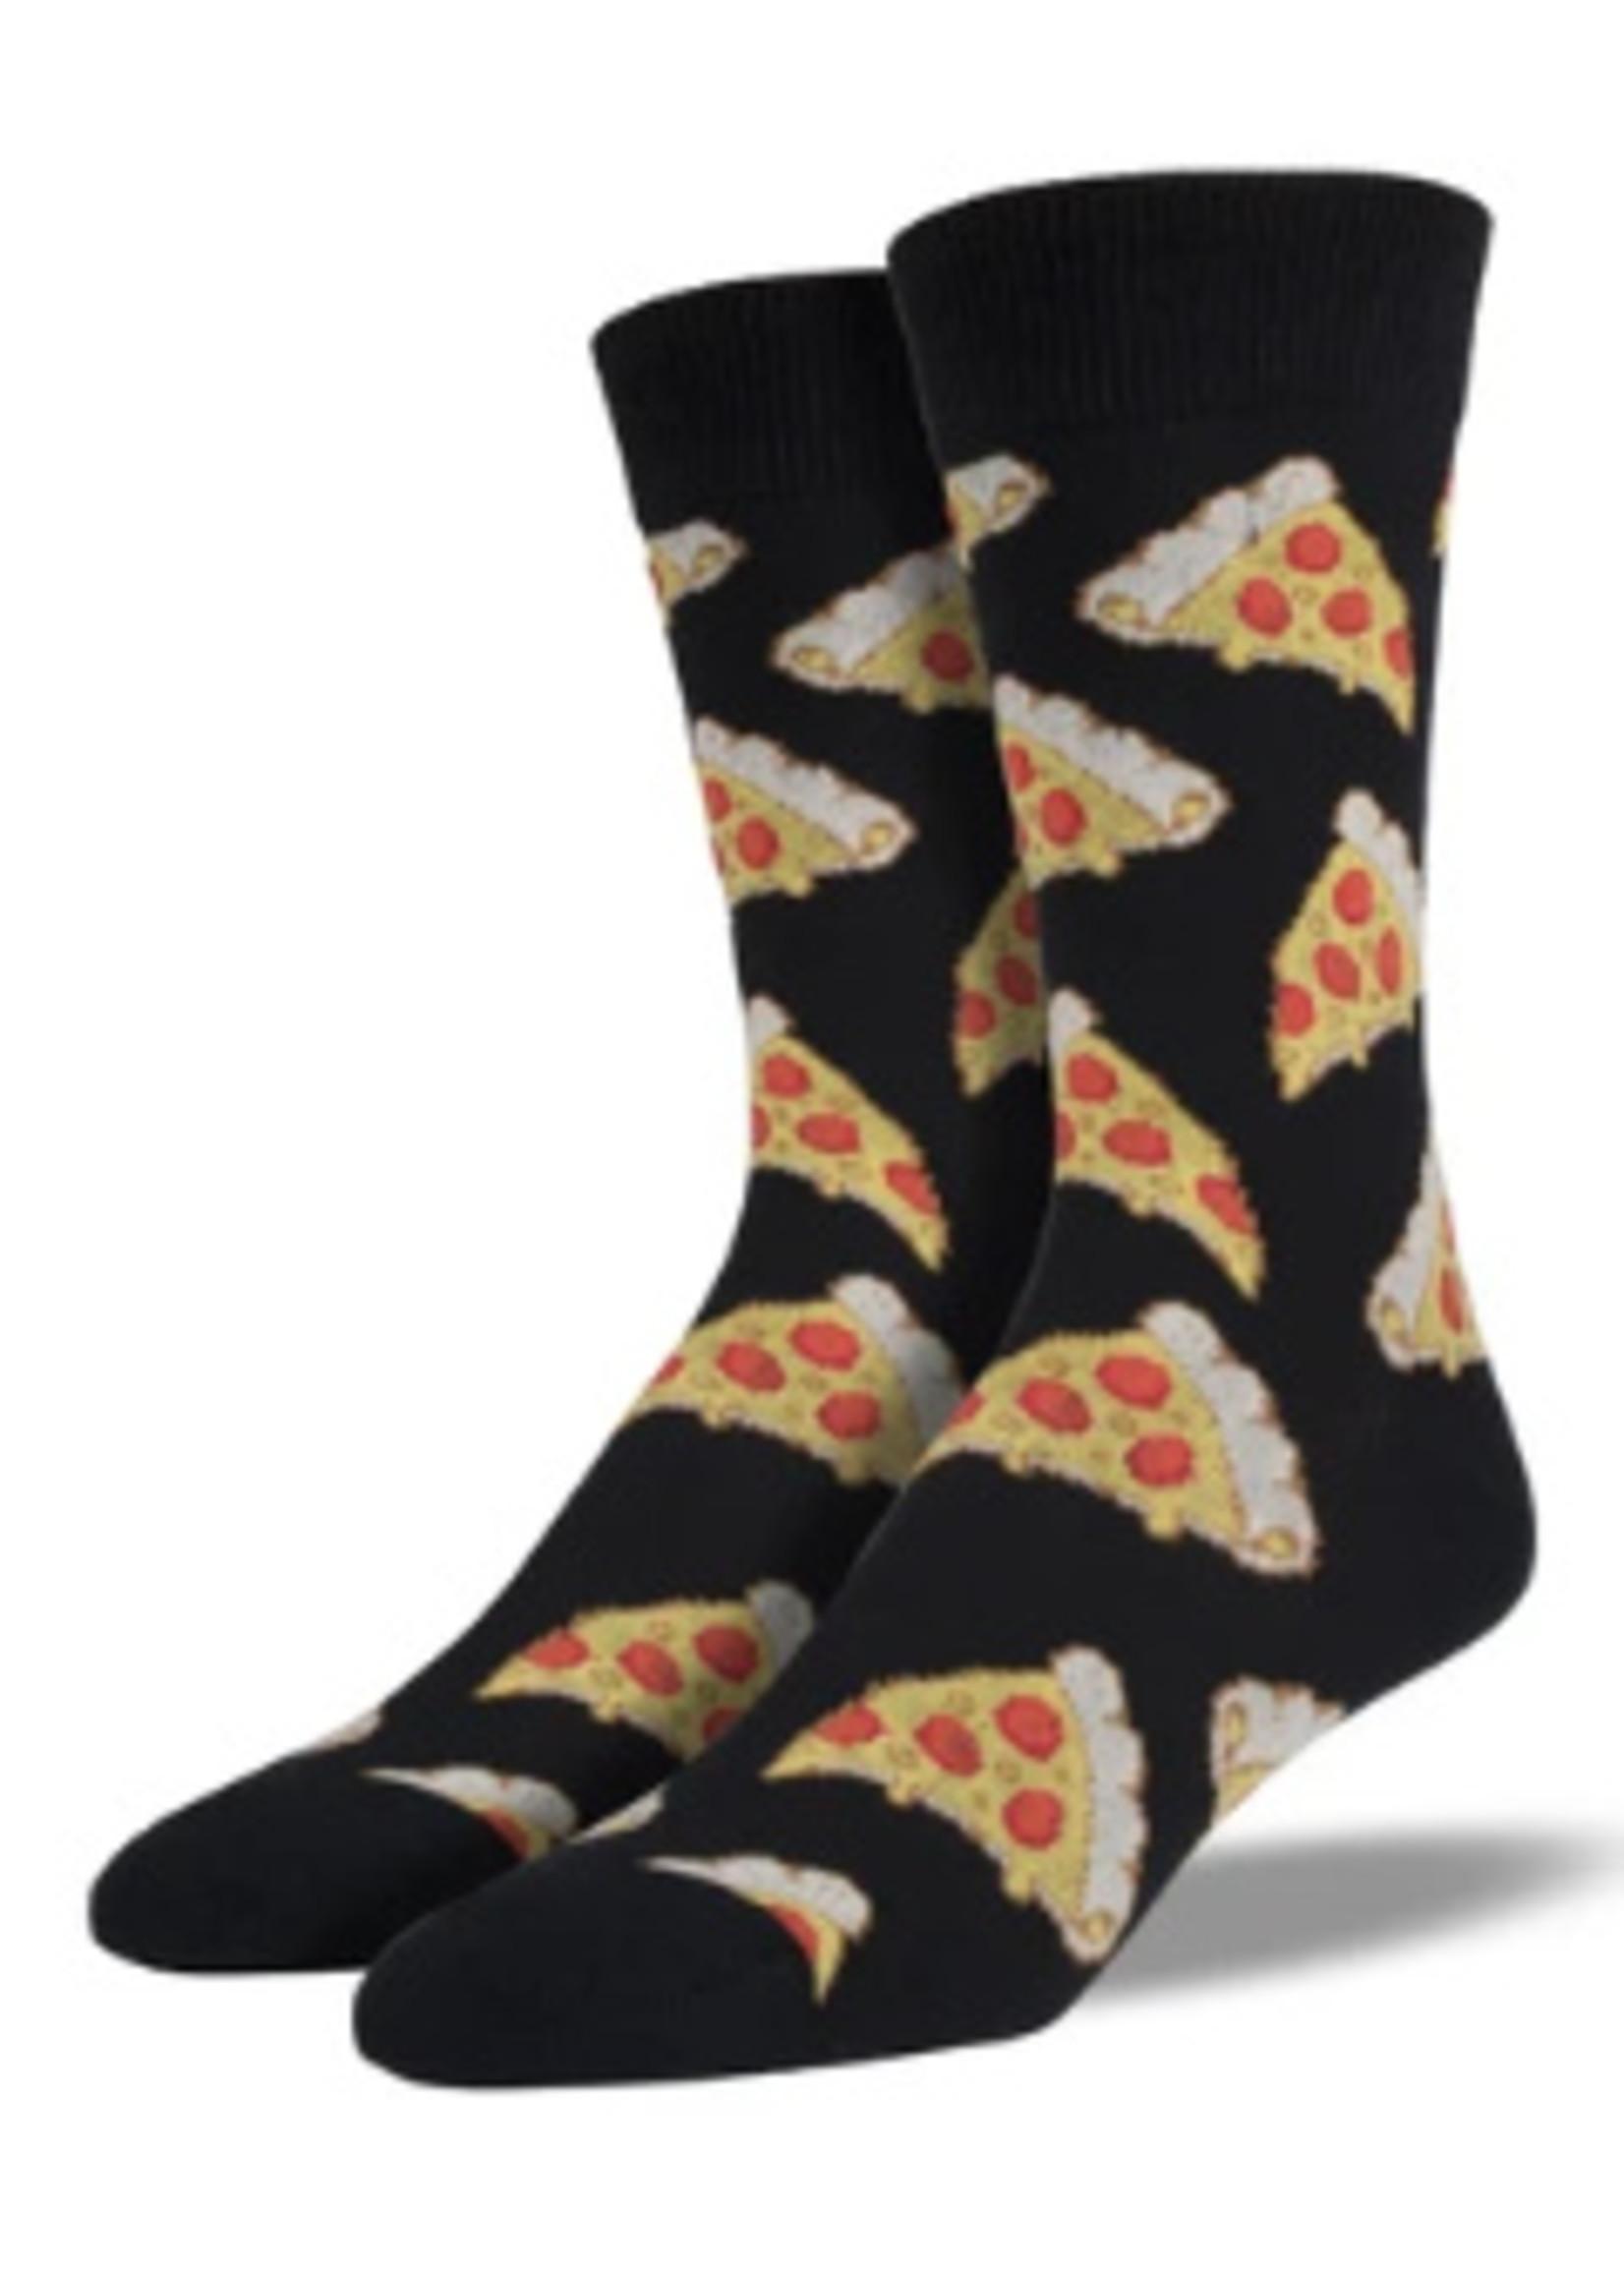 Socksmith Canada Inc MEN'S PIZZA SOCKS